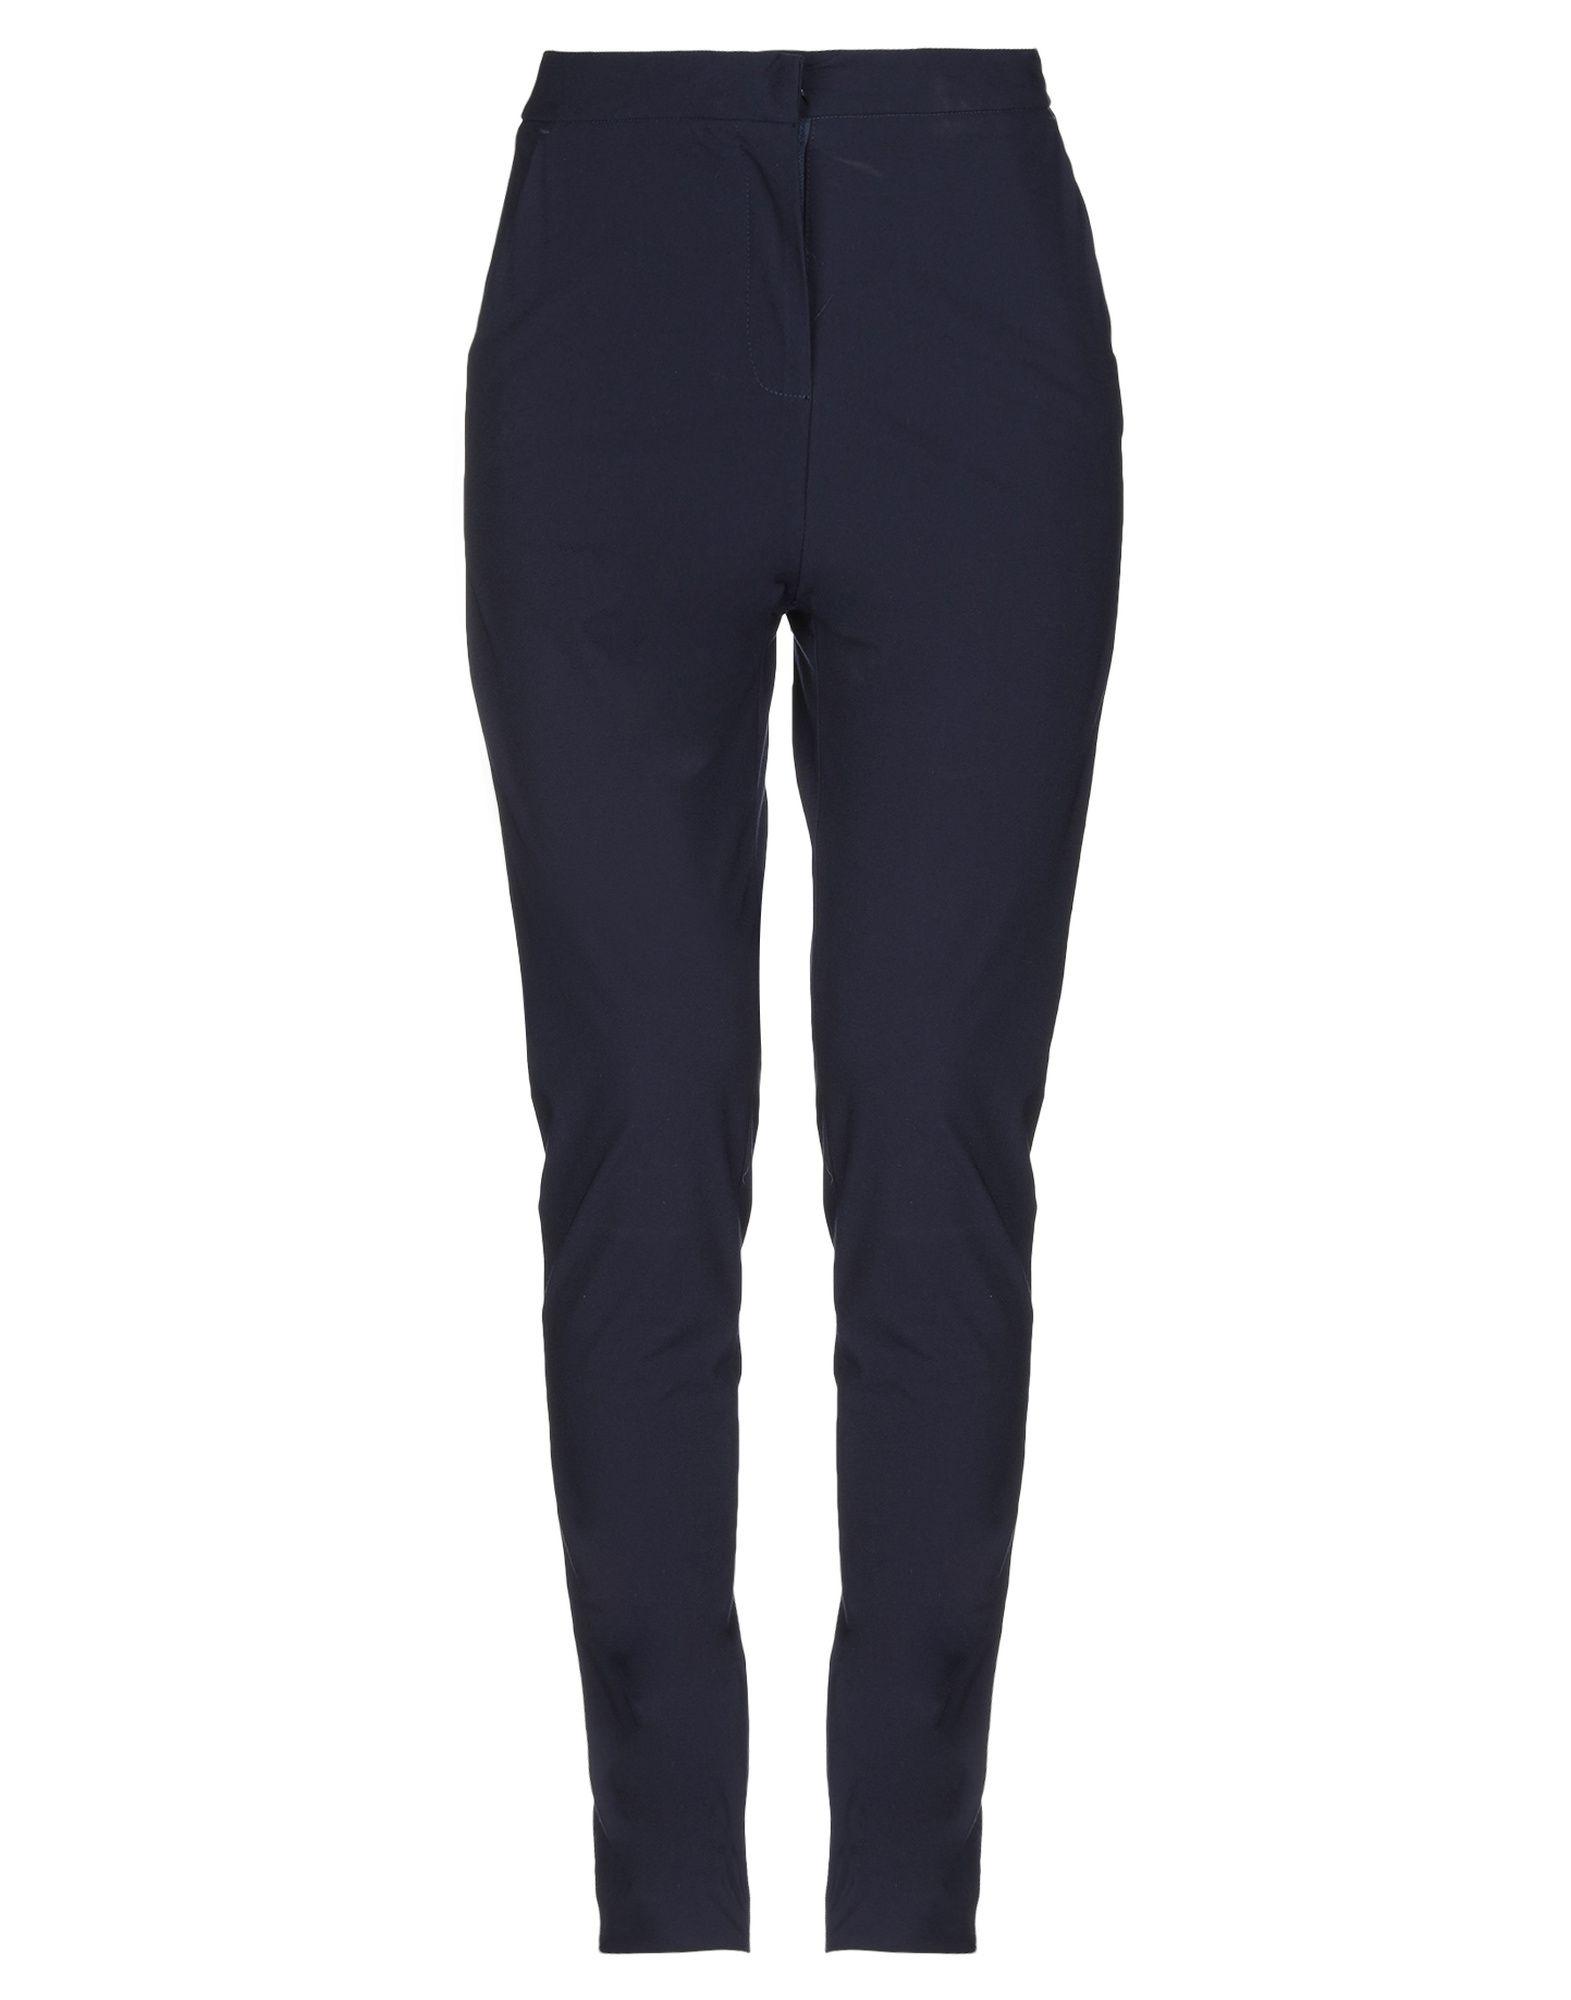 Pantalone No Secrets donna donna donna - 13280390AH f18